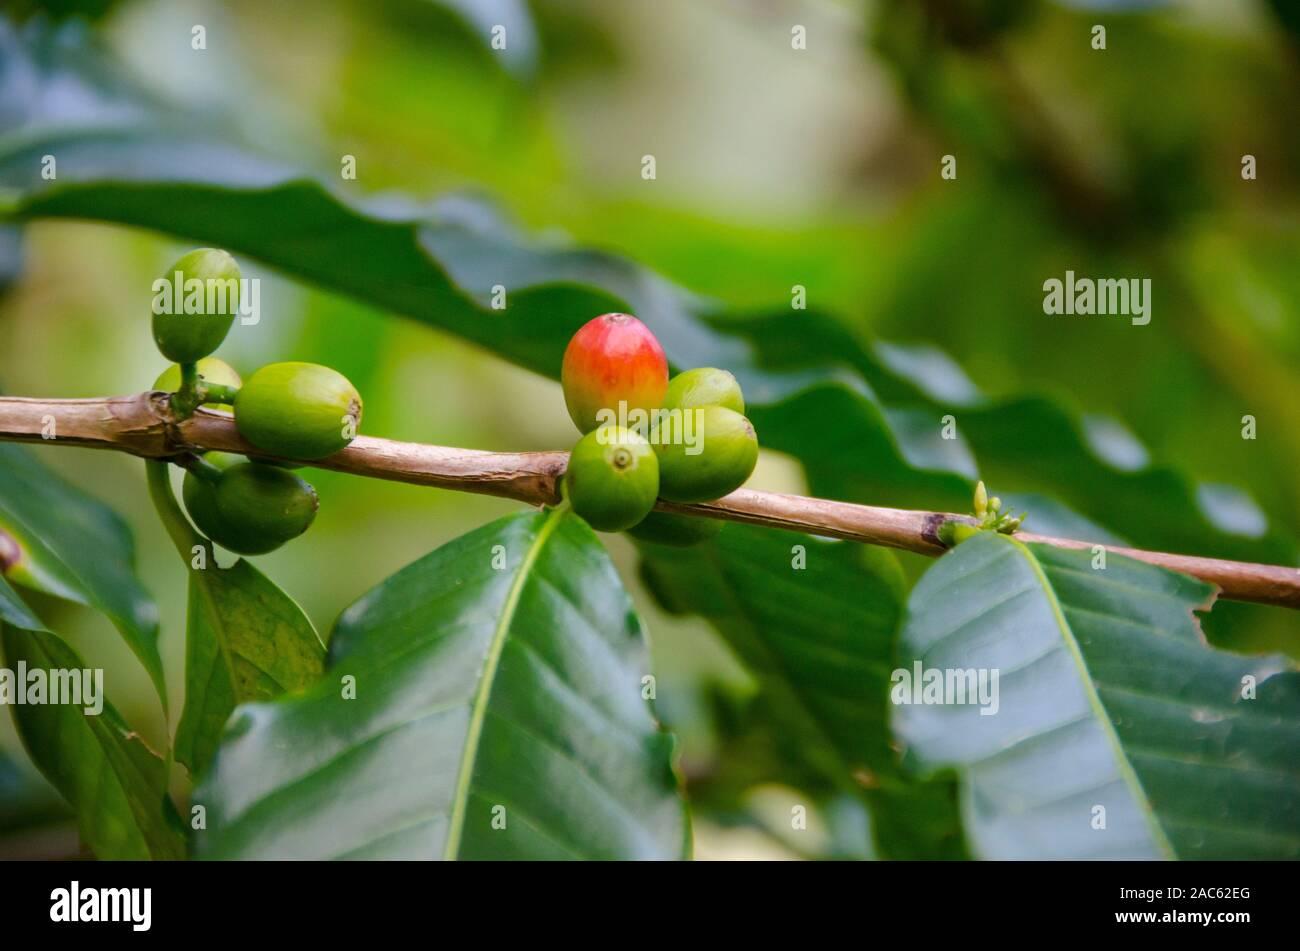 Las cerezas de café verde y rojo en el árbol del huerto Koffee Kaleo en Pa'auilo makua en la Isla Grande. Foto de stock